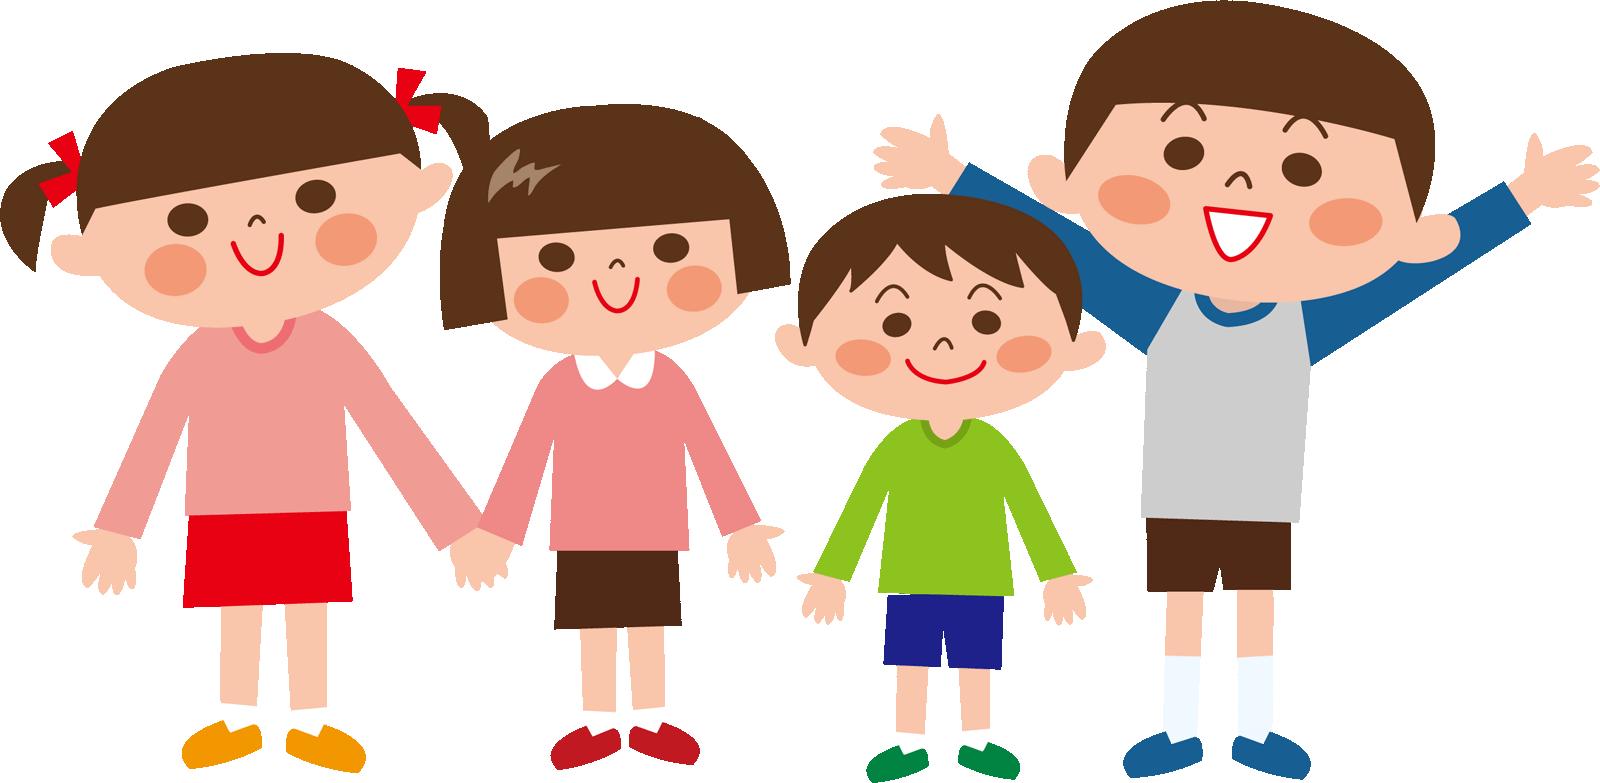 近所の子供が毎日遊びに来る!図々しくて困る!が日常茶飯時になってきた?